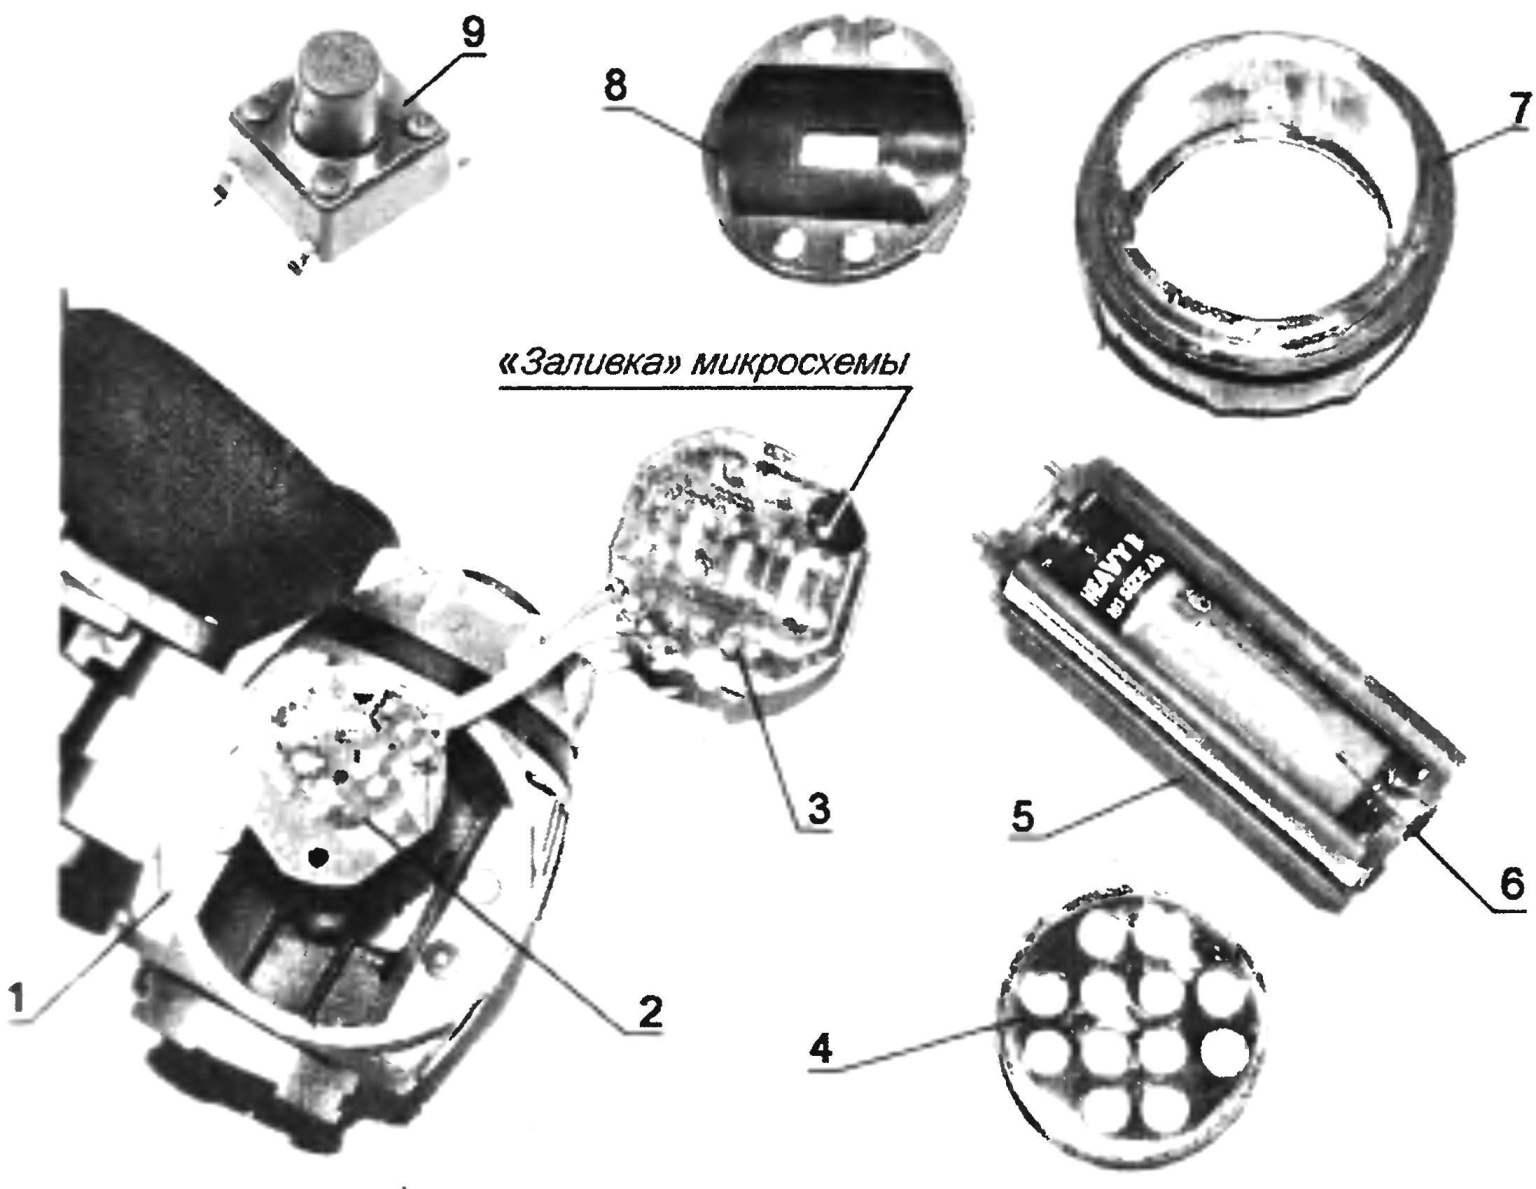 Налобный фонарь, разобранный на части